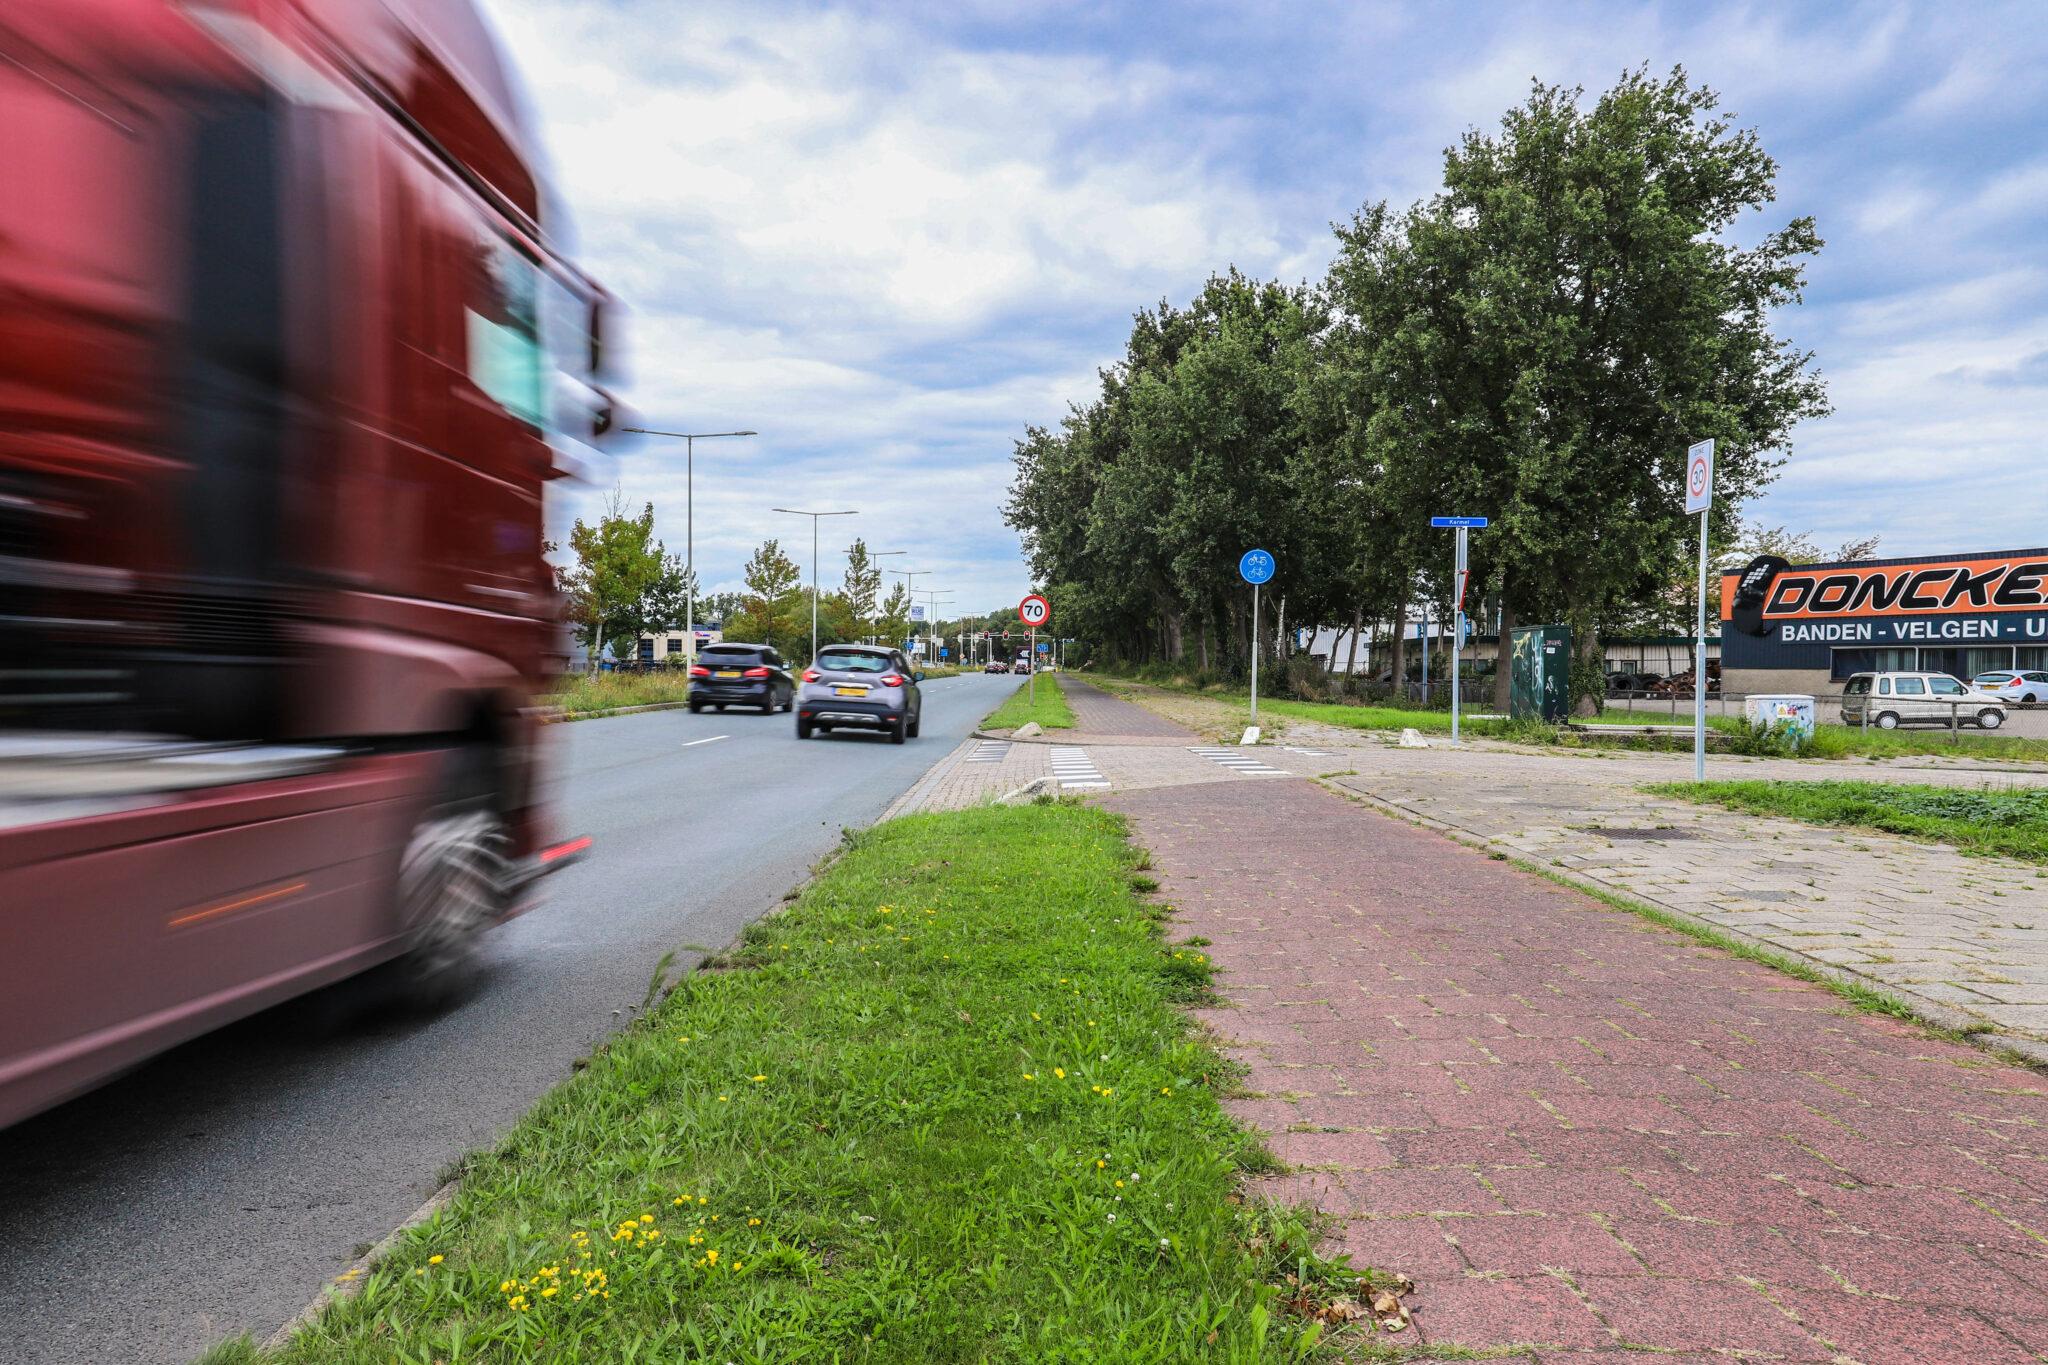 boete bergenaren Wegenbelasting Bergen op Zoom randweg west met karmel industrie industriegebied fietspad fietsers vrachtwagen auto auto's vrachtwagens verkeer weg straat druk